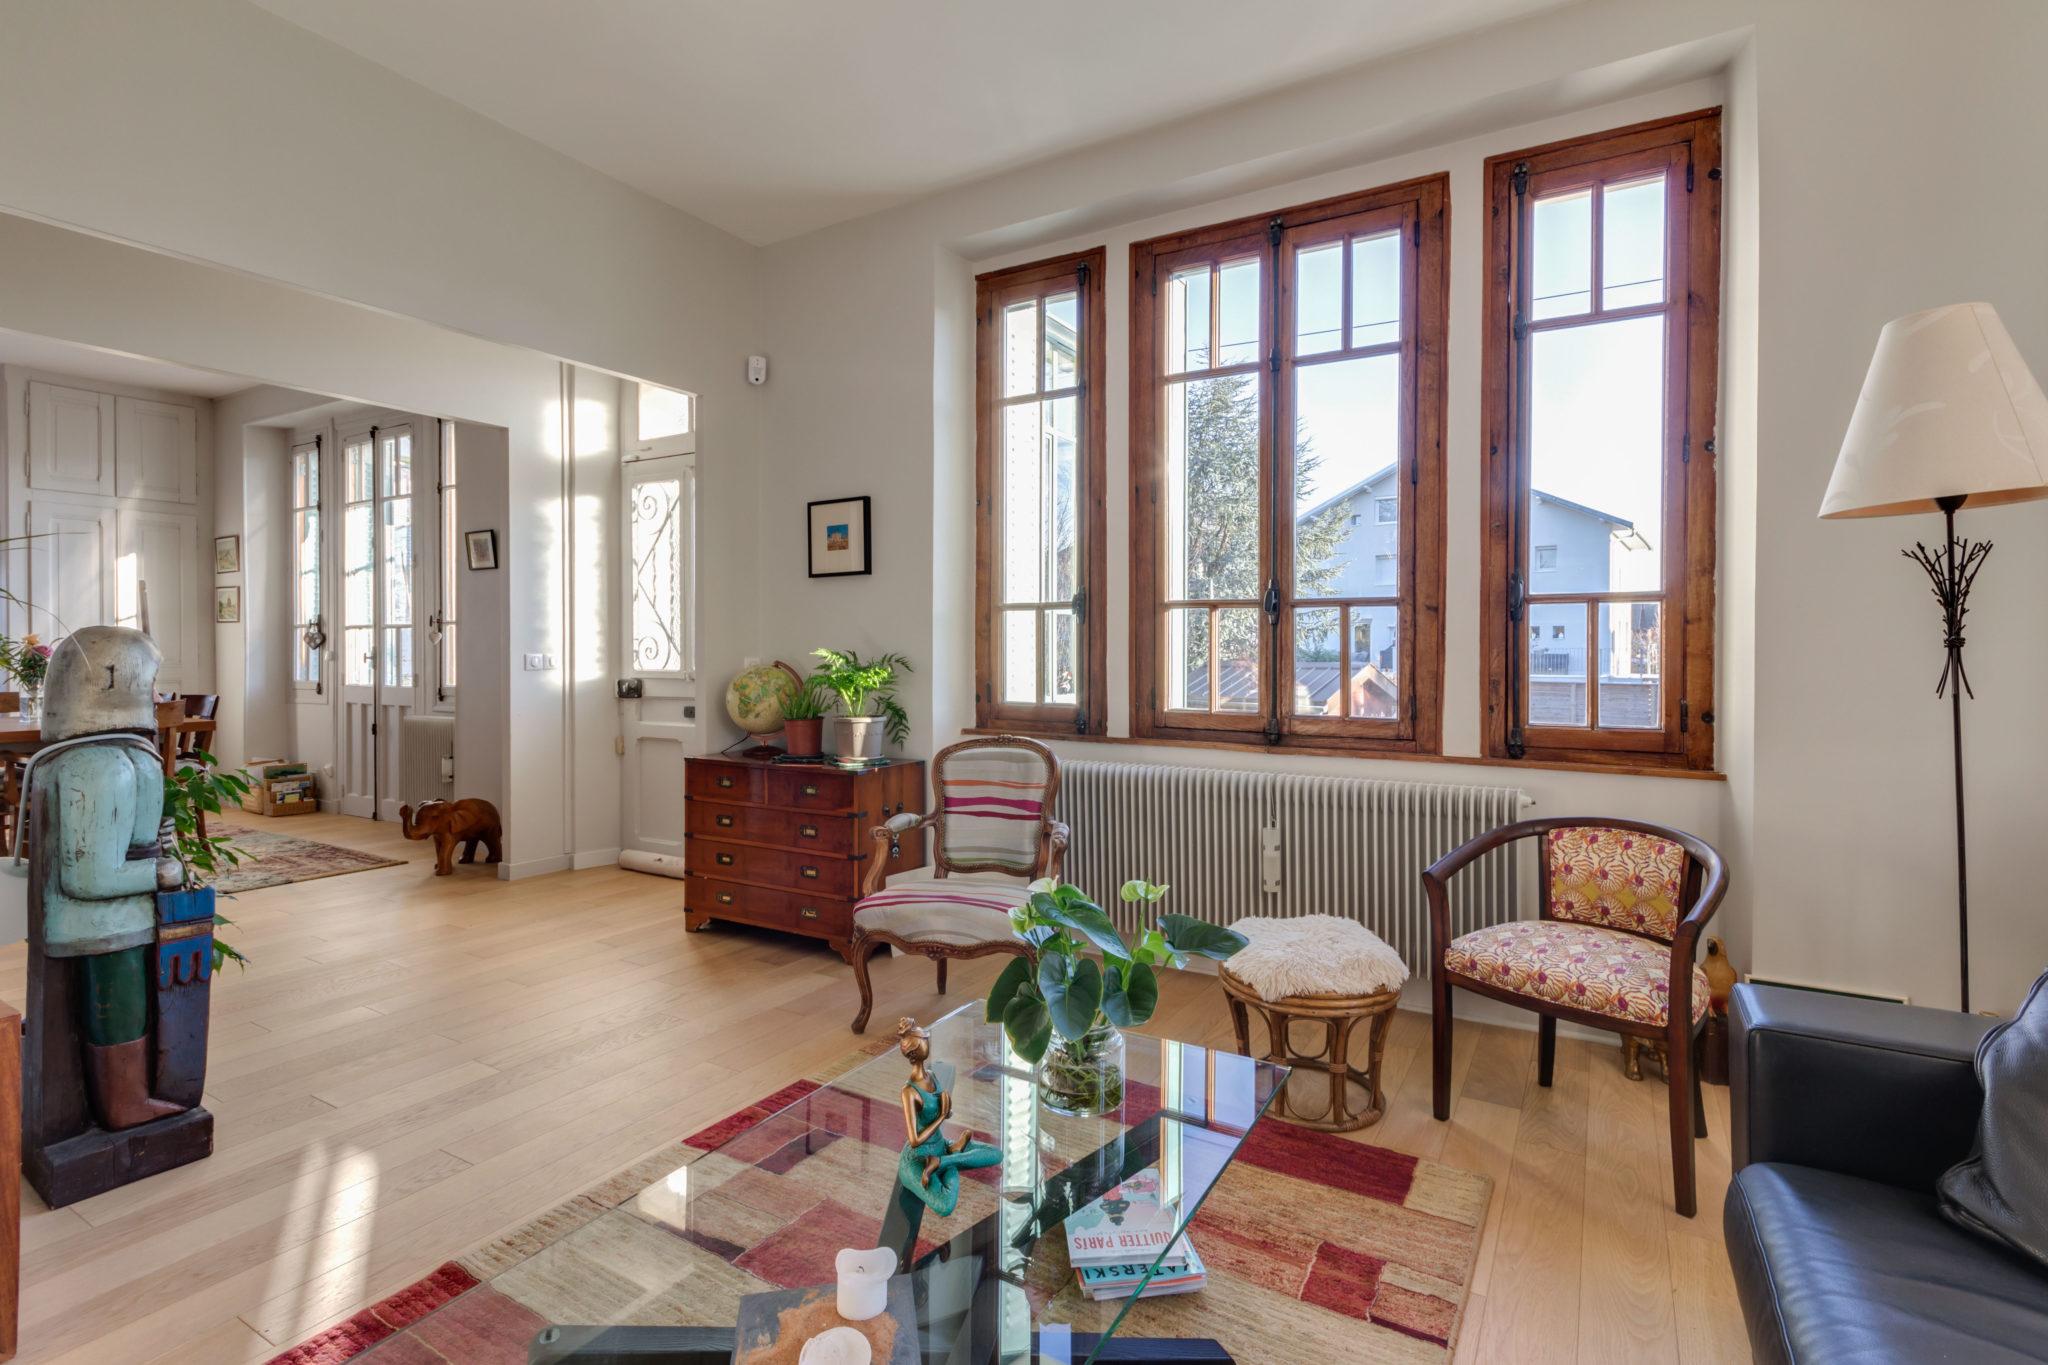 Annecy Le Vieux - Petit Port - Maison Rénovée 6 Pièces